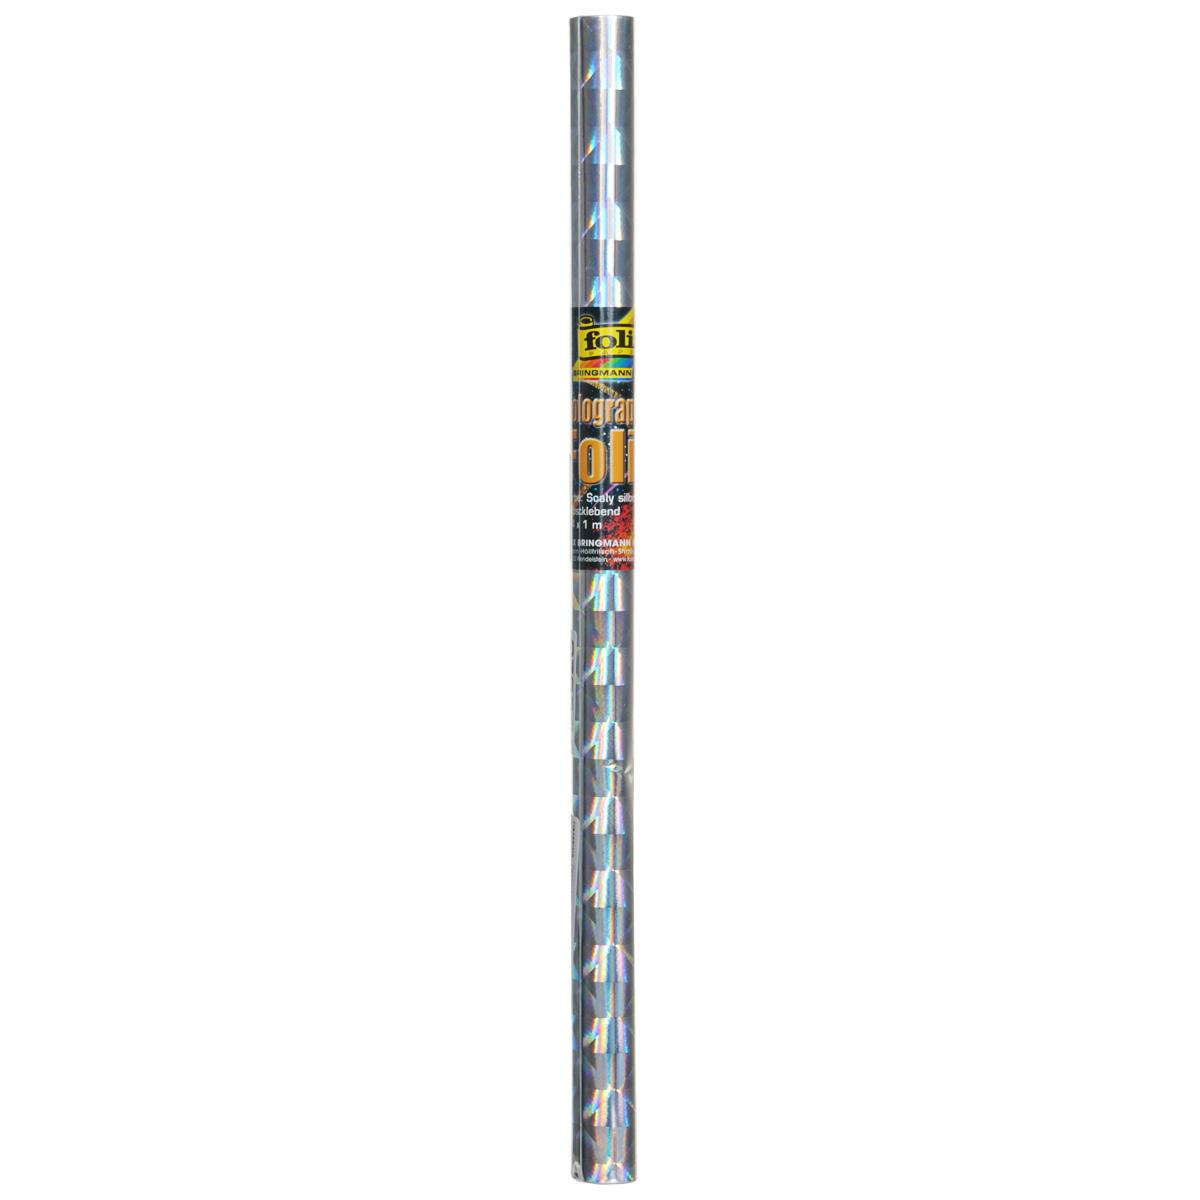 Голографическая бумага Folia Чешуя, самоклеящаяся, цвет: серебристый, 40 x 100 см